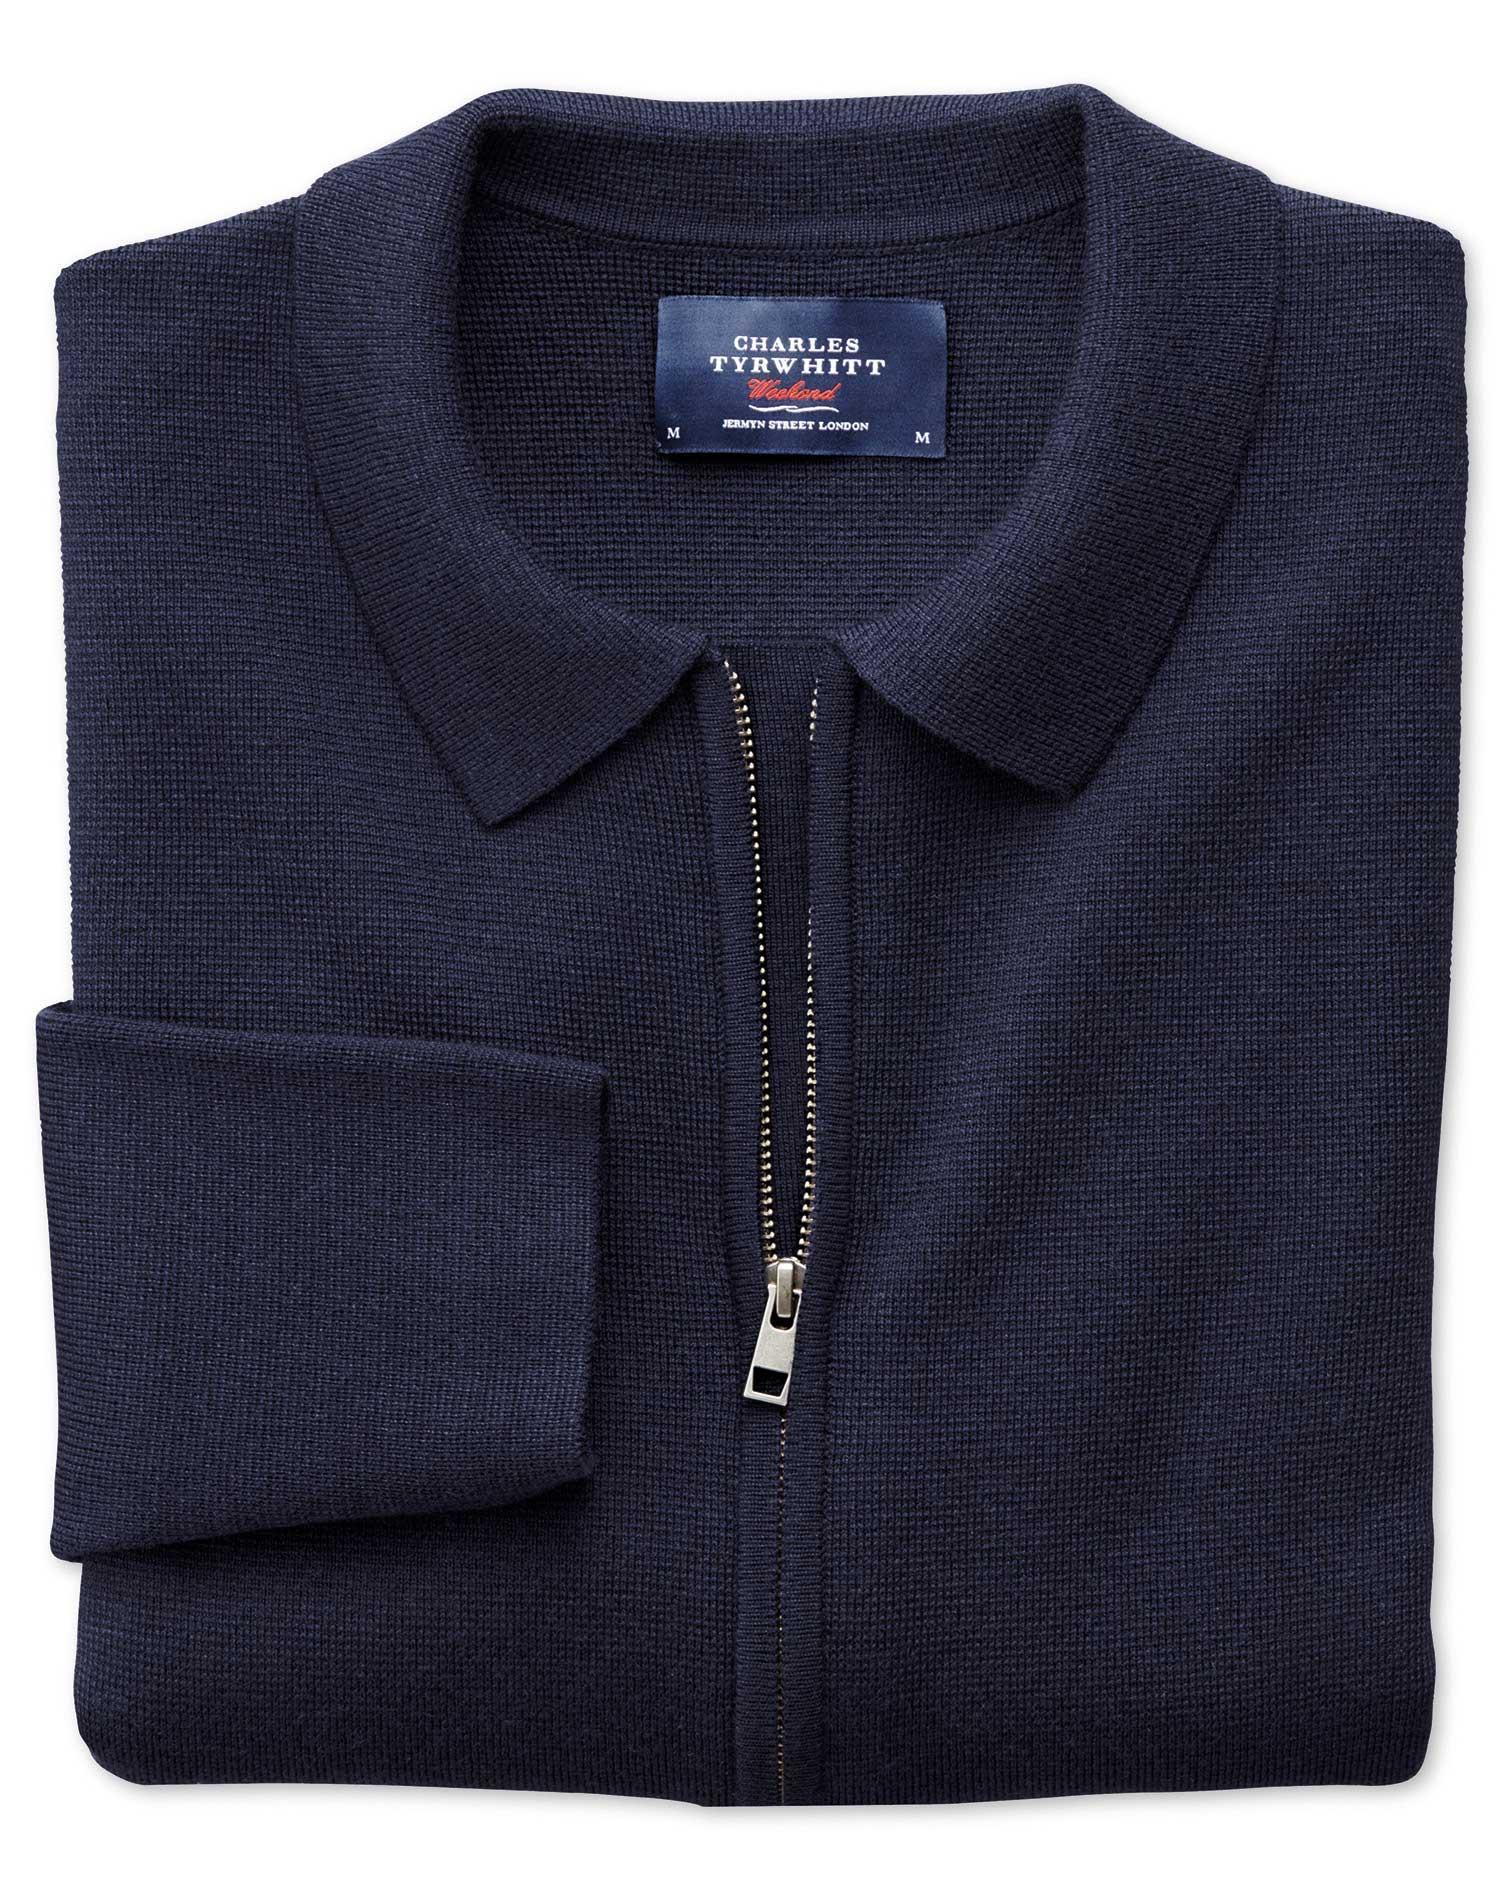 Navy Merino Wool Zip Jacket Size Small by Charles Tyrwhitt